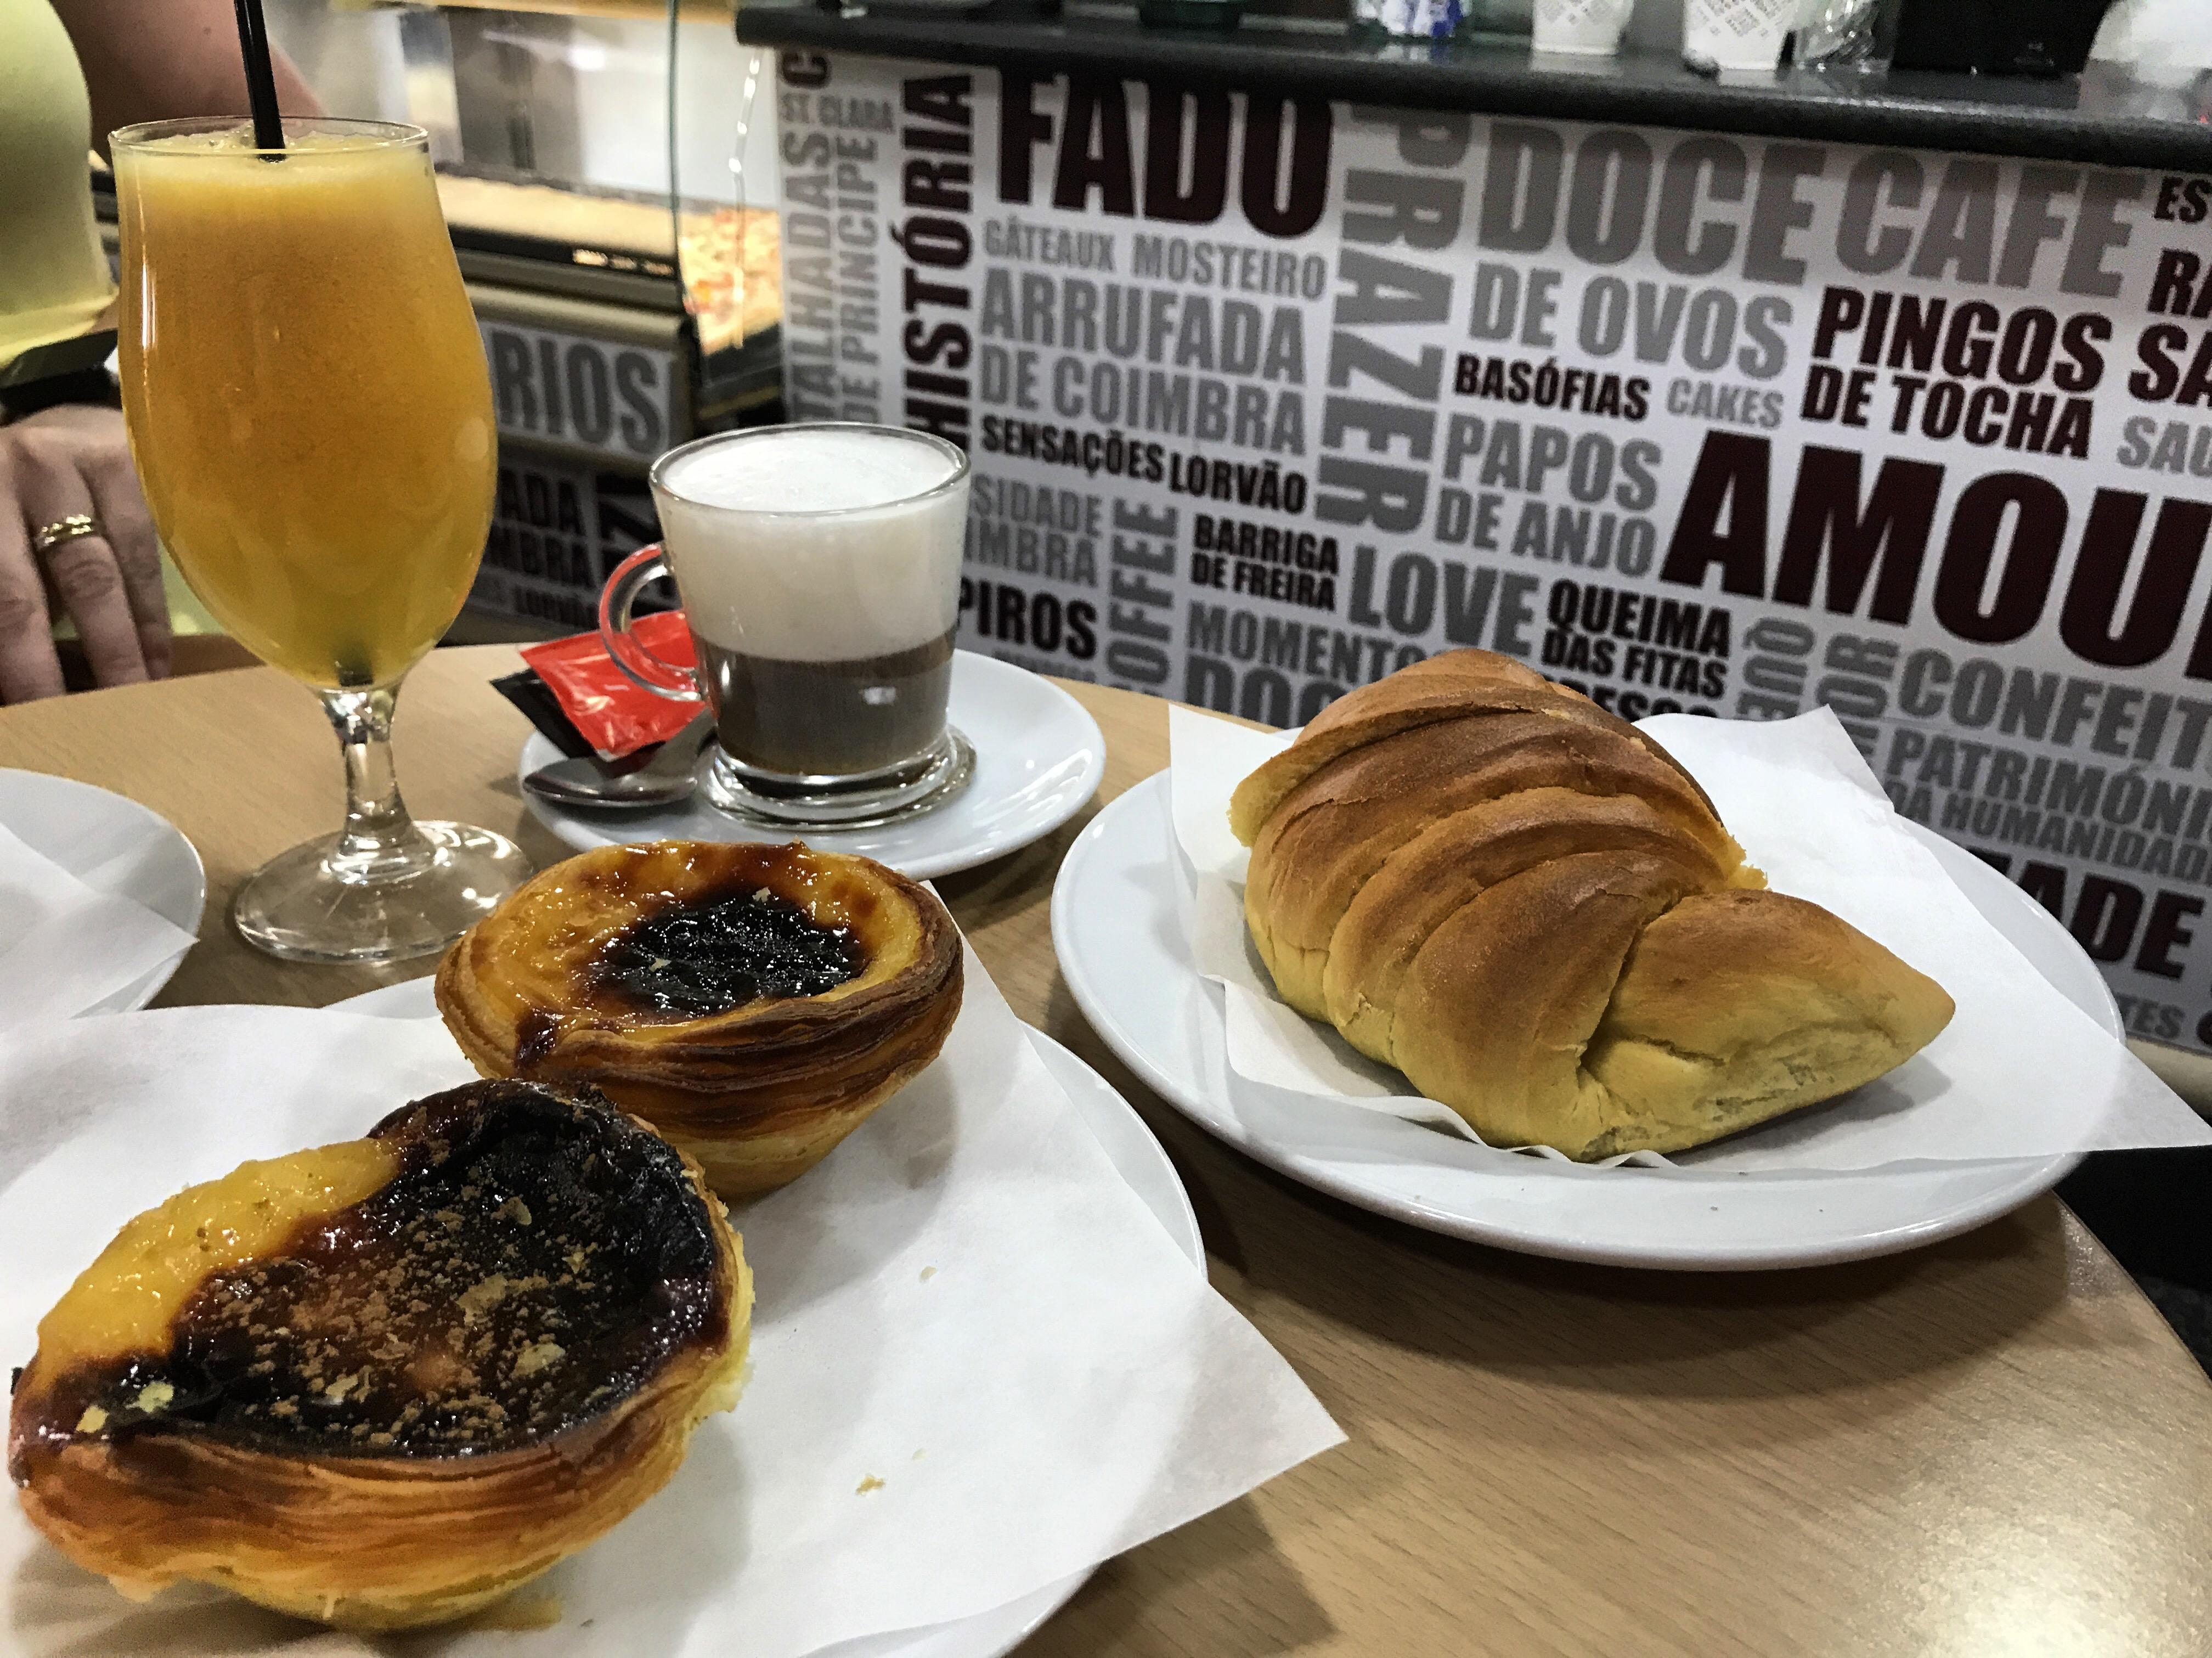 Briosa Pastelaria Coimbra